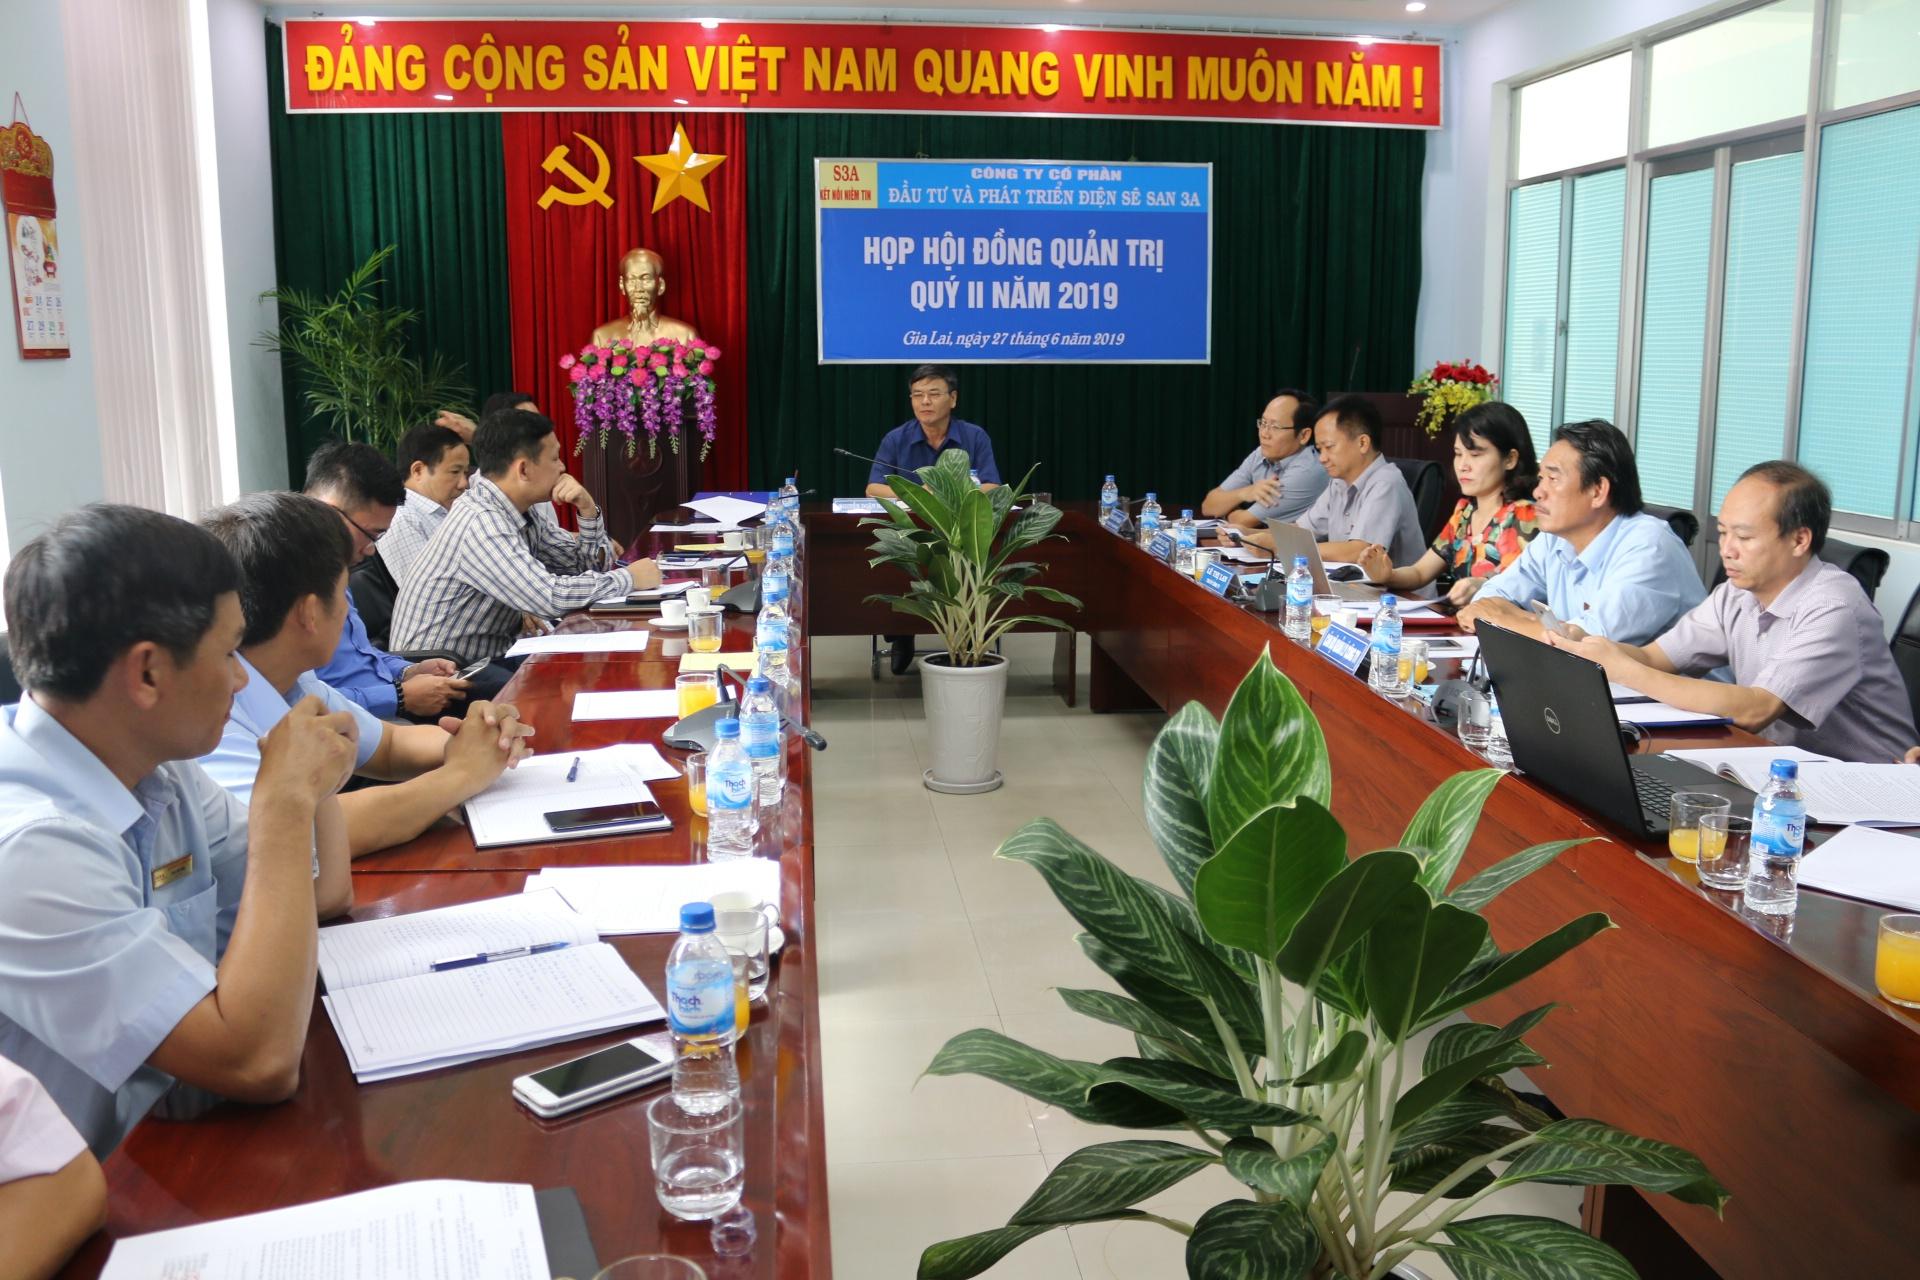 Sê San 3A họp Hội đồng quản trị quý II năm 2019